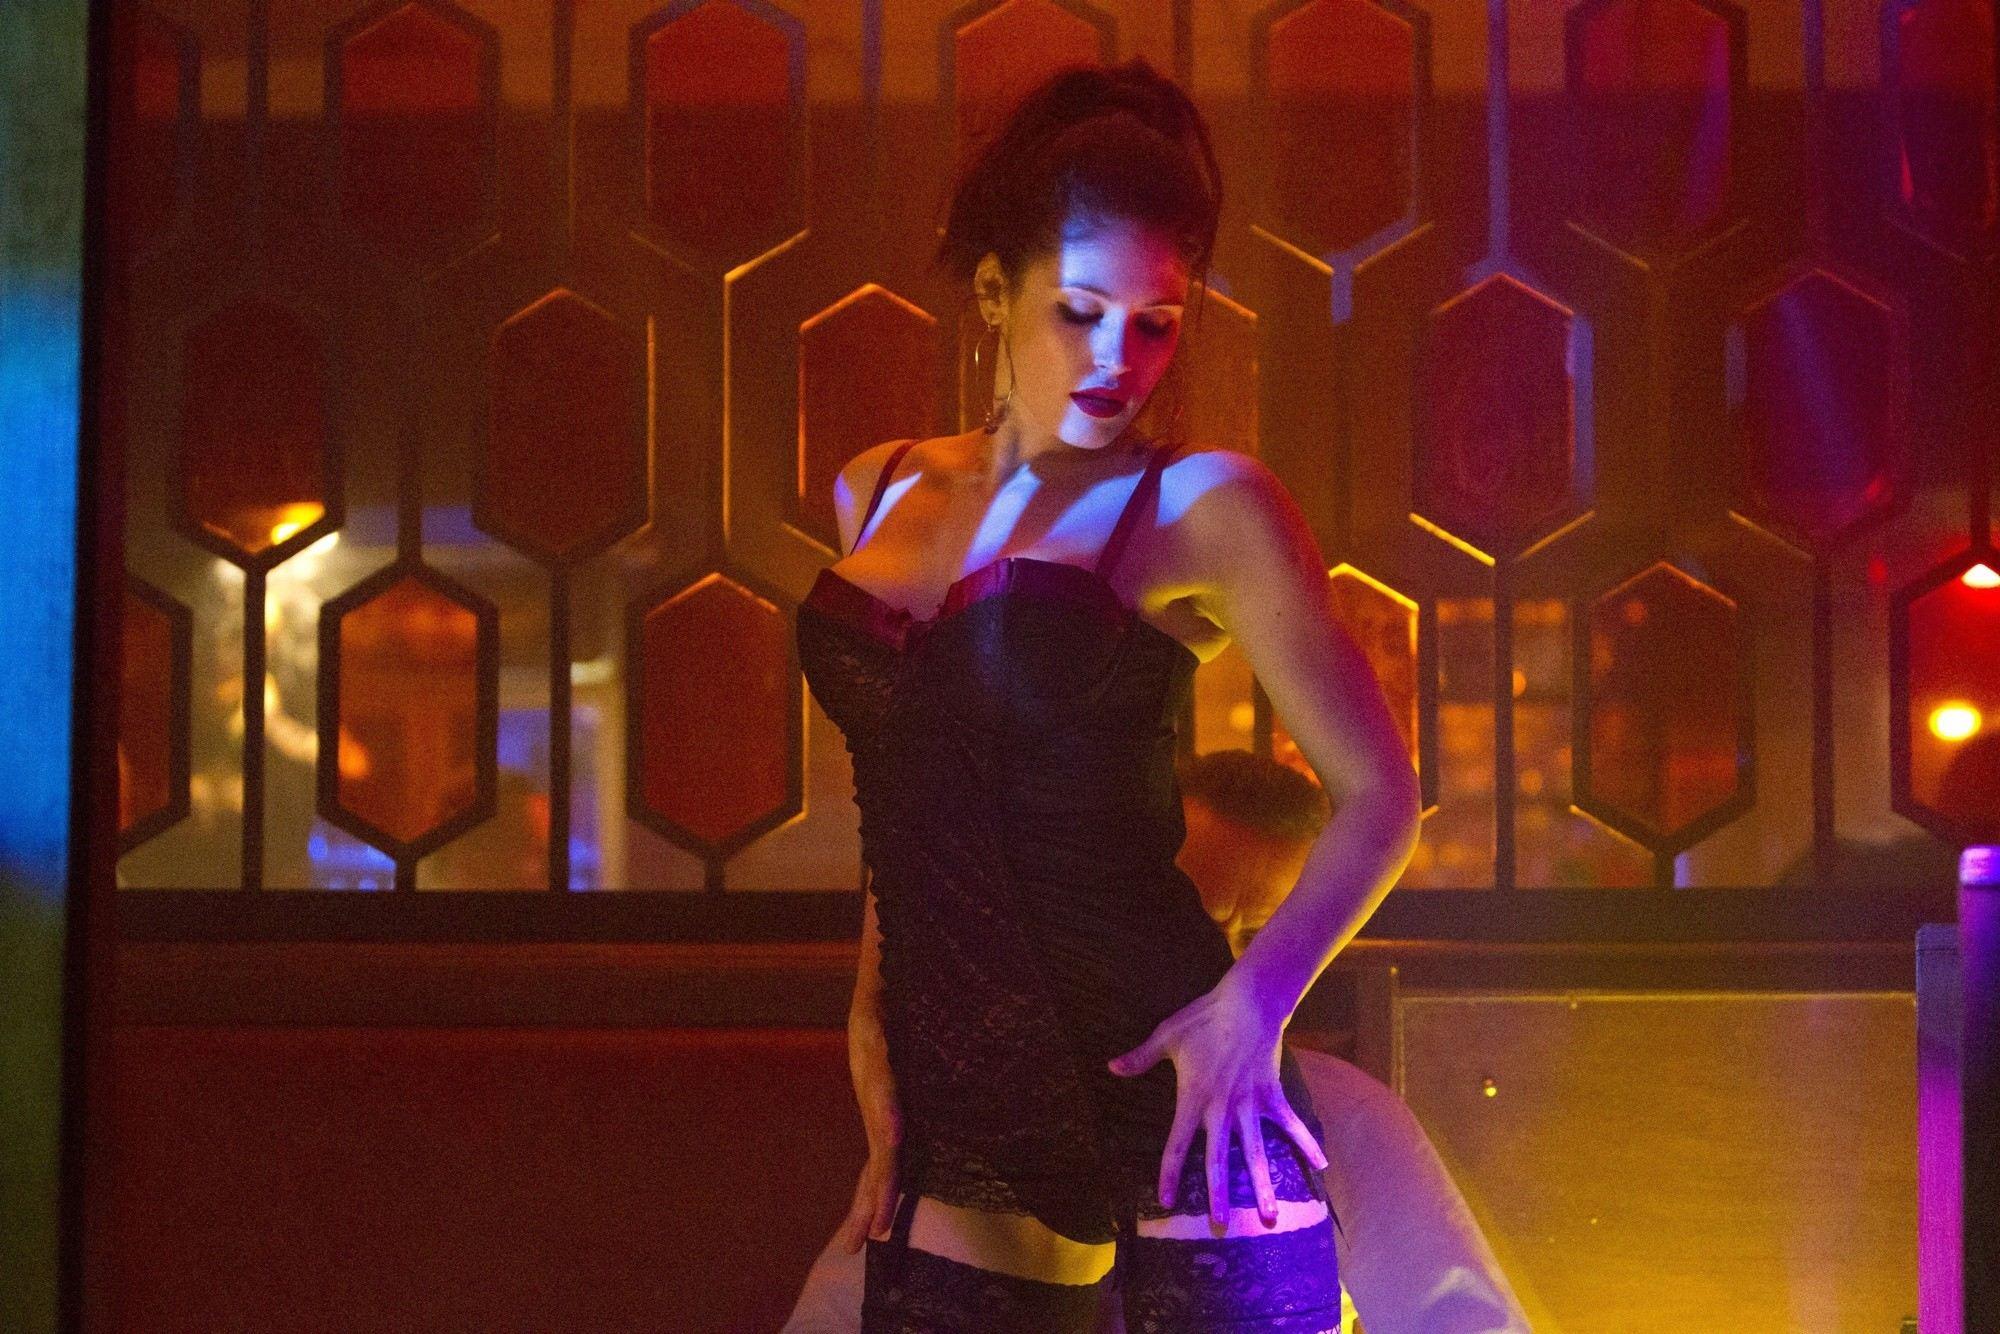 Gemma-Arterton---Byzantium-Stills-03.jpg